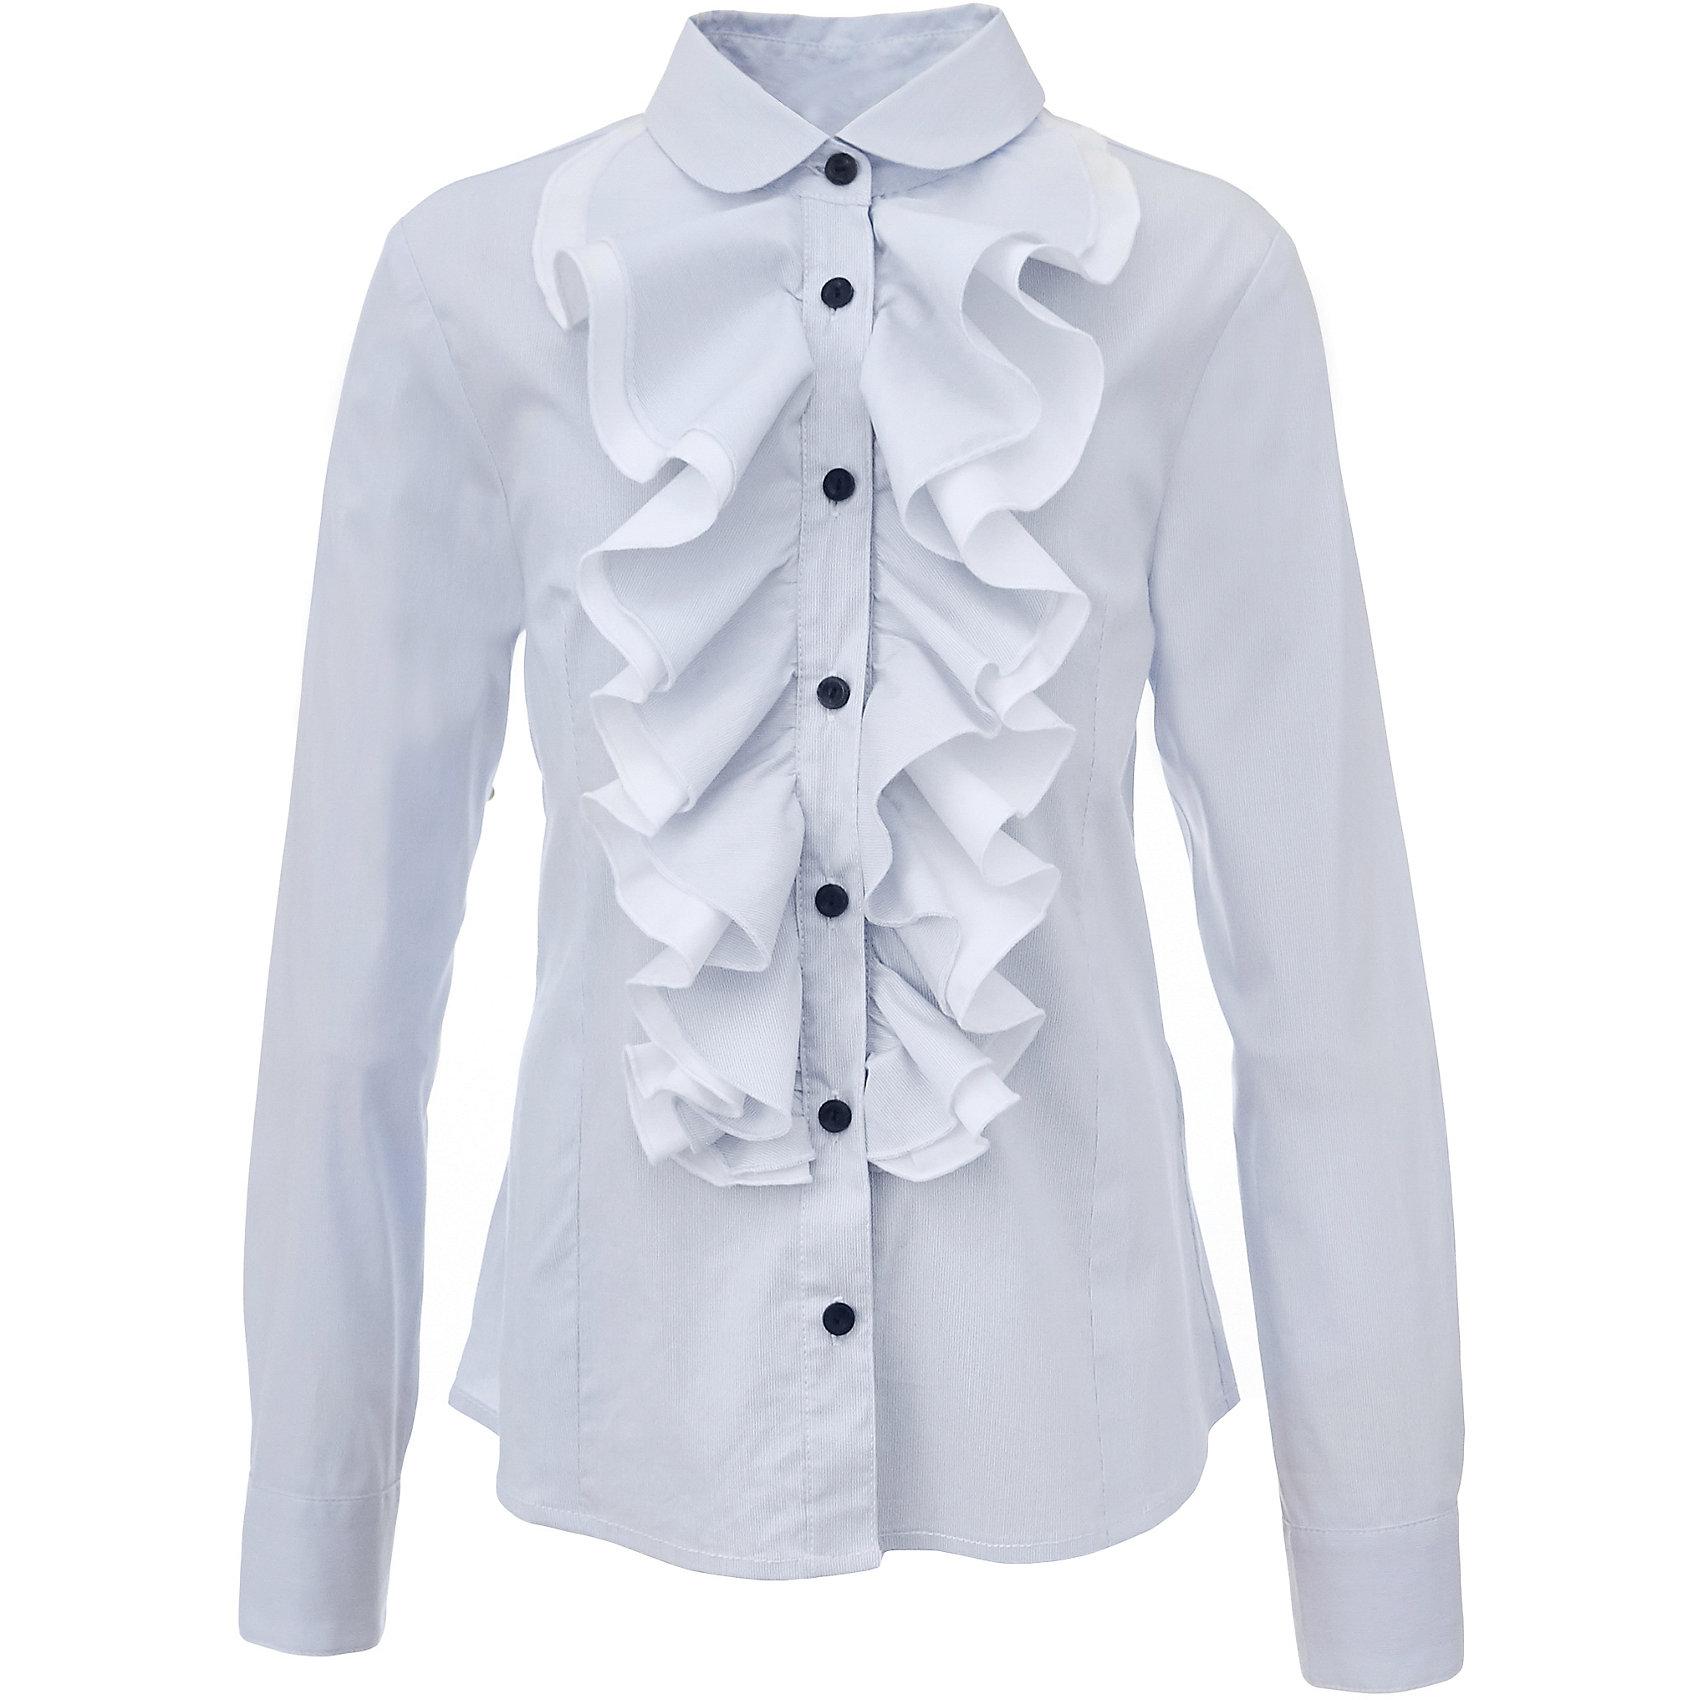 Блузка для девочки GulliverБлузки и рубашки<br>Какими должны быть красивые блузки для девочек: блузка с жабо, с бантом, с рюшей или лаконичный строгий вариант без яркой отделки? Школьные блузки 2017 могут быть разными! Нарядная блузка нежного голубого цвета в полоску хороша и для каждого дня, и для торжественных школьных мероприятий. Прекрасная ткань, красивая форма, элегантное оформление крупными пышными рюшами делают блузку интересной и привлекательной. Купить детскую блузку стоит в преддверии учебного года, ведь 1 сентября эта модель понадобится как никогда. Она подчеркнет торжественность момента, сделав образ школьницы нарядным, элегантным, изысканным.<br>Состав:<br>75% хлопок 23% полиэстер 2% эластан<br><br>Ширина мм: 186<br>Глубина мм: 87<br>Высота мм: 198<br>Вес г: 197<br>Цвет: голубой<br>Возраст от месяцев: 168<br>Возраст до месяцев: 180<br>Пол: Женский<br>Возраст: Детский<br>Размер: 122,170,128,134,140,146,152,158,164<br>SKU: 6678728